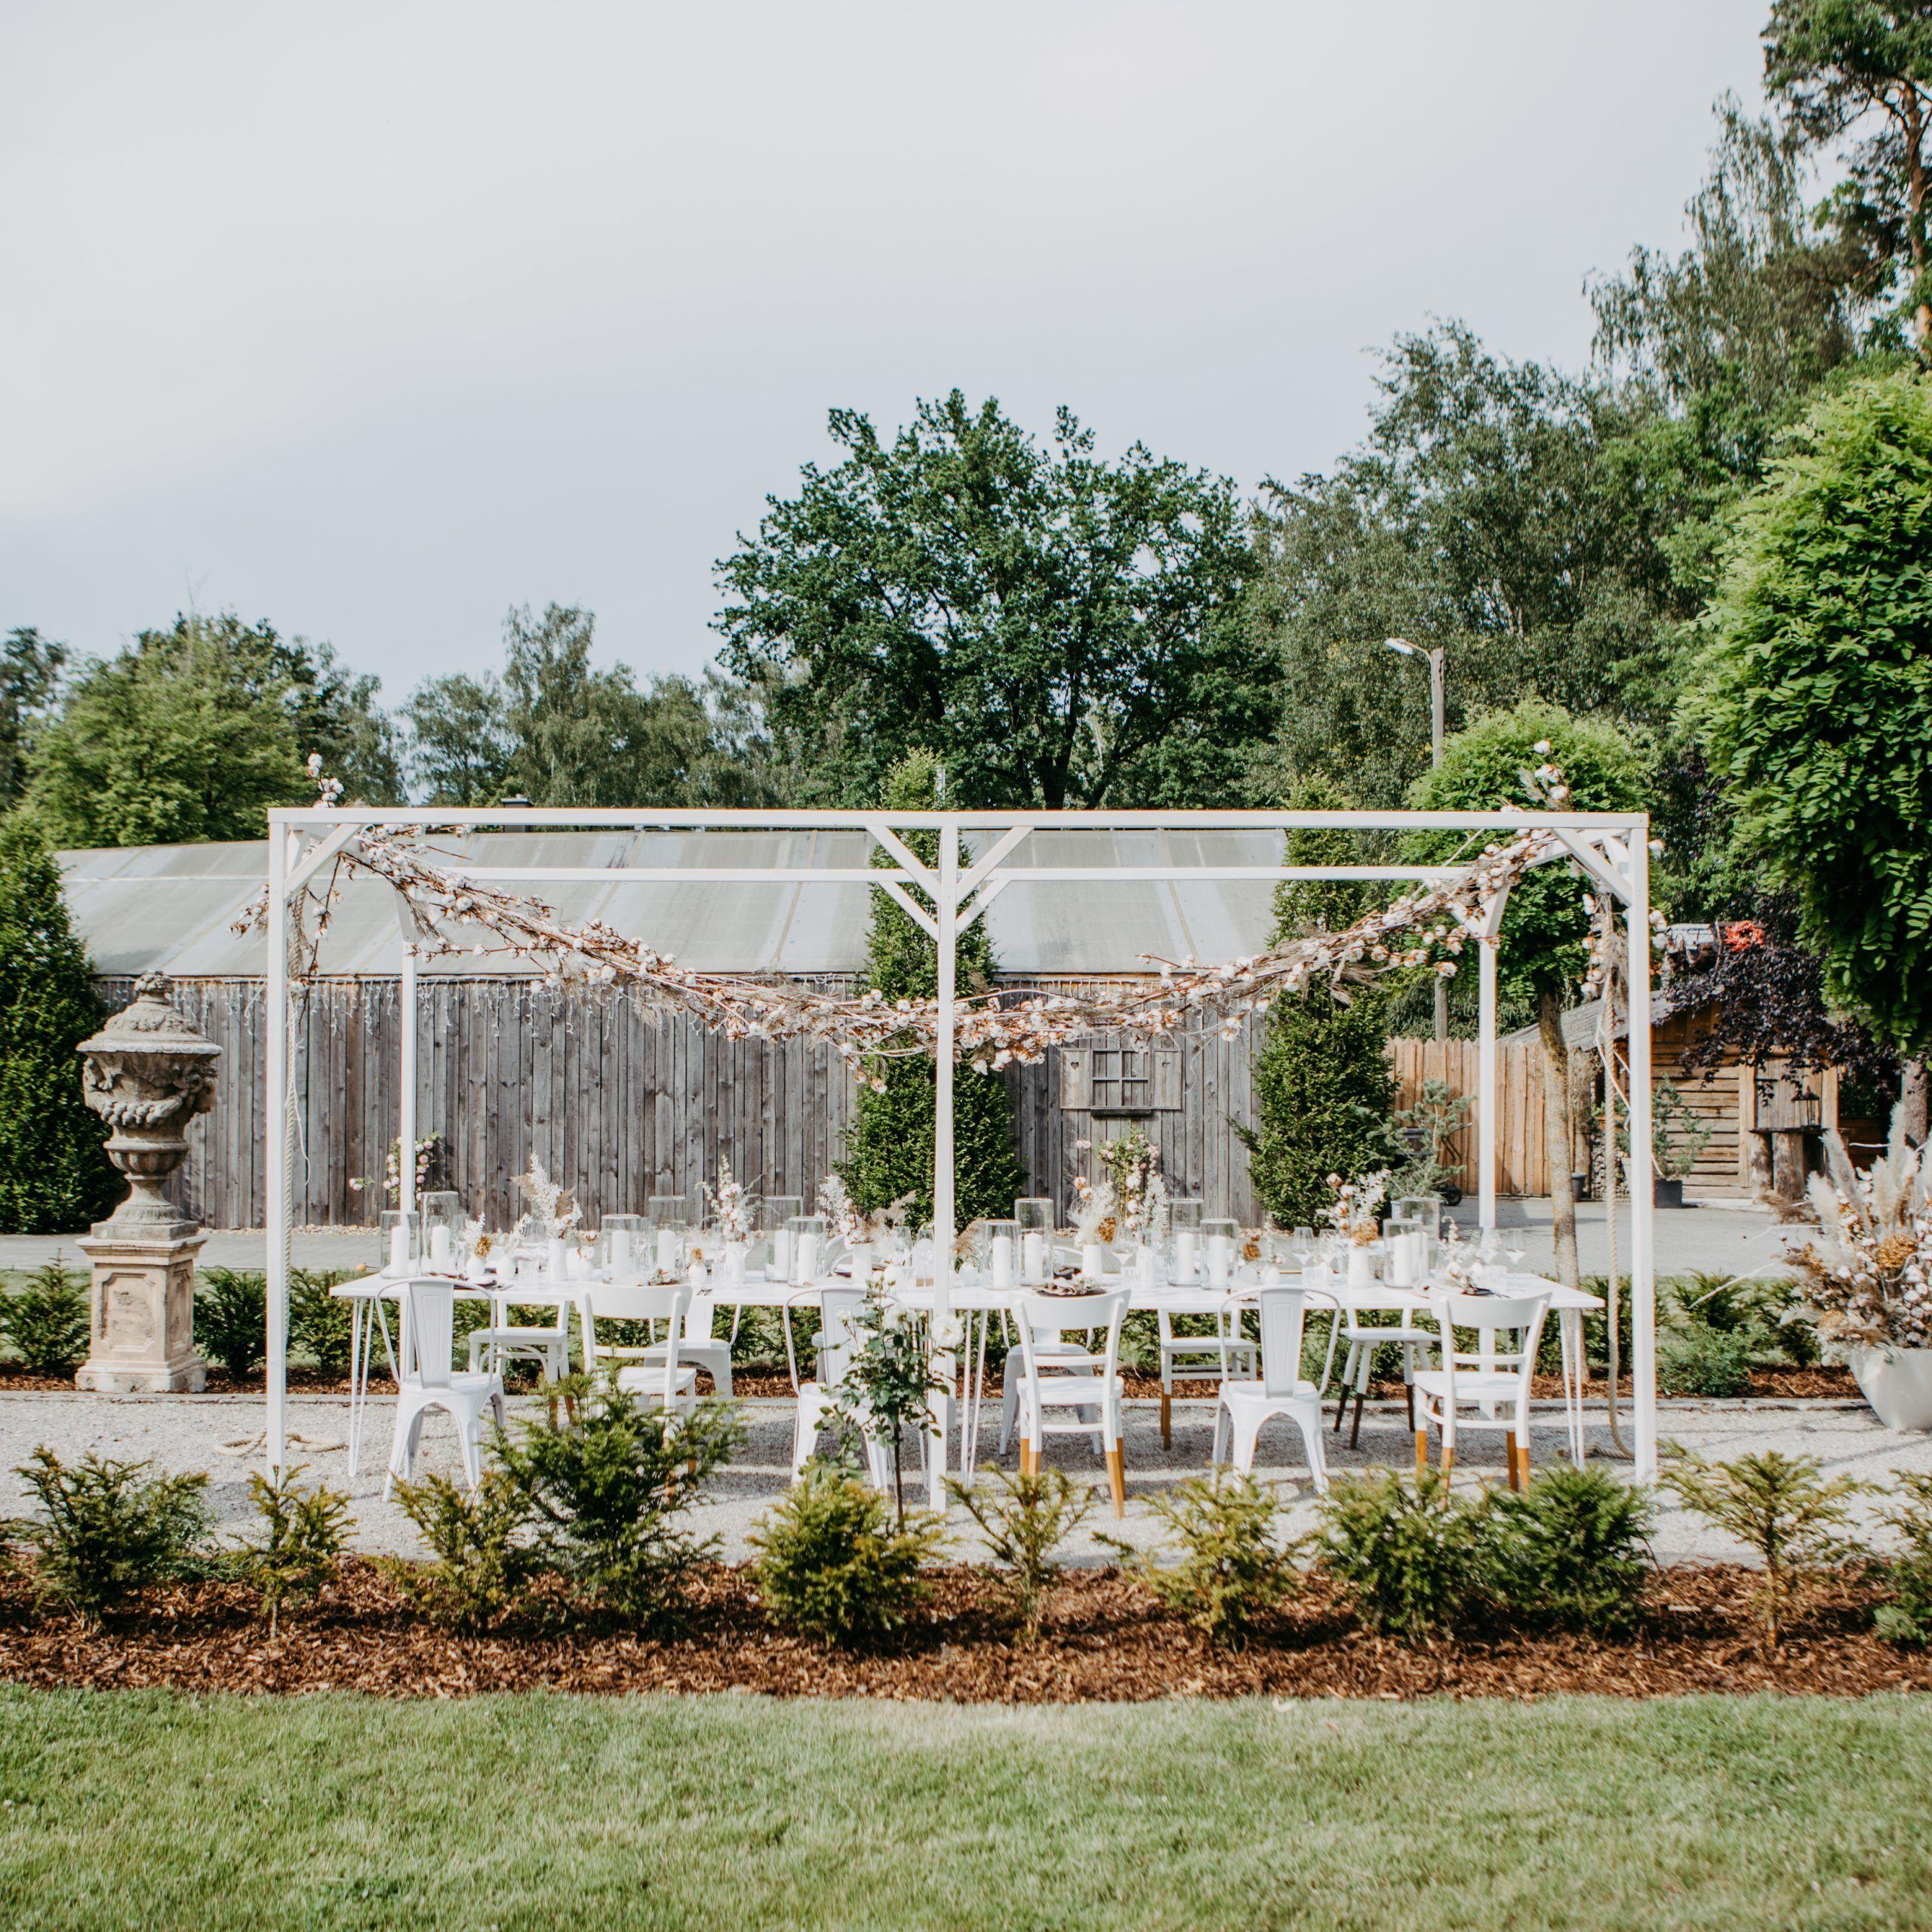 Garten Hochzeit Weinkiste Im Freien Laterne